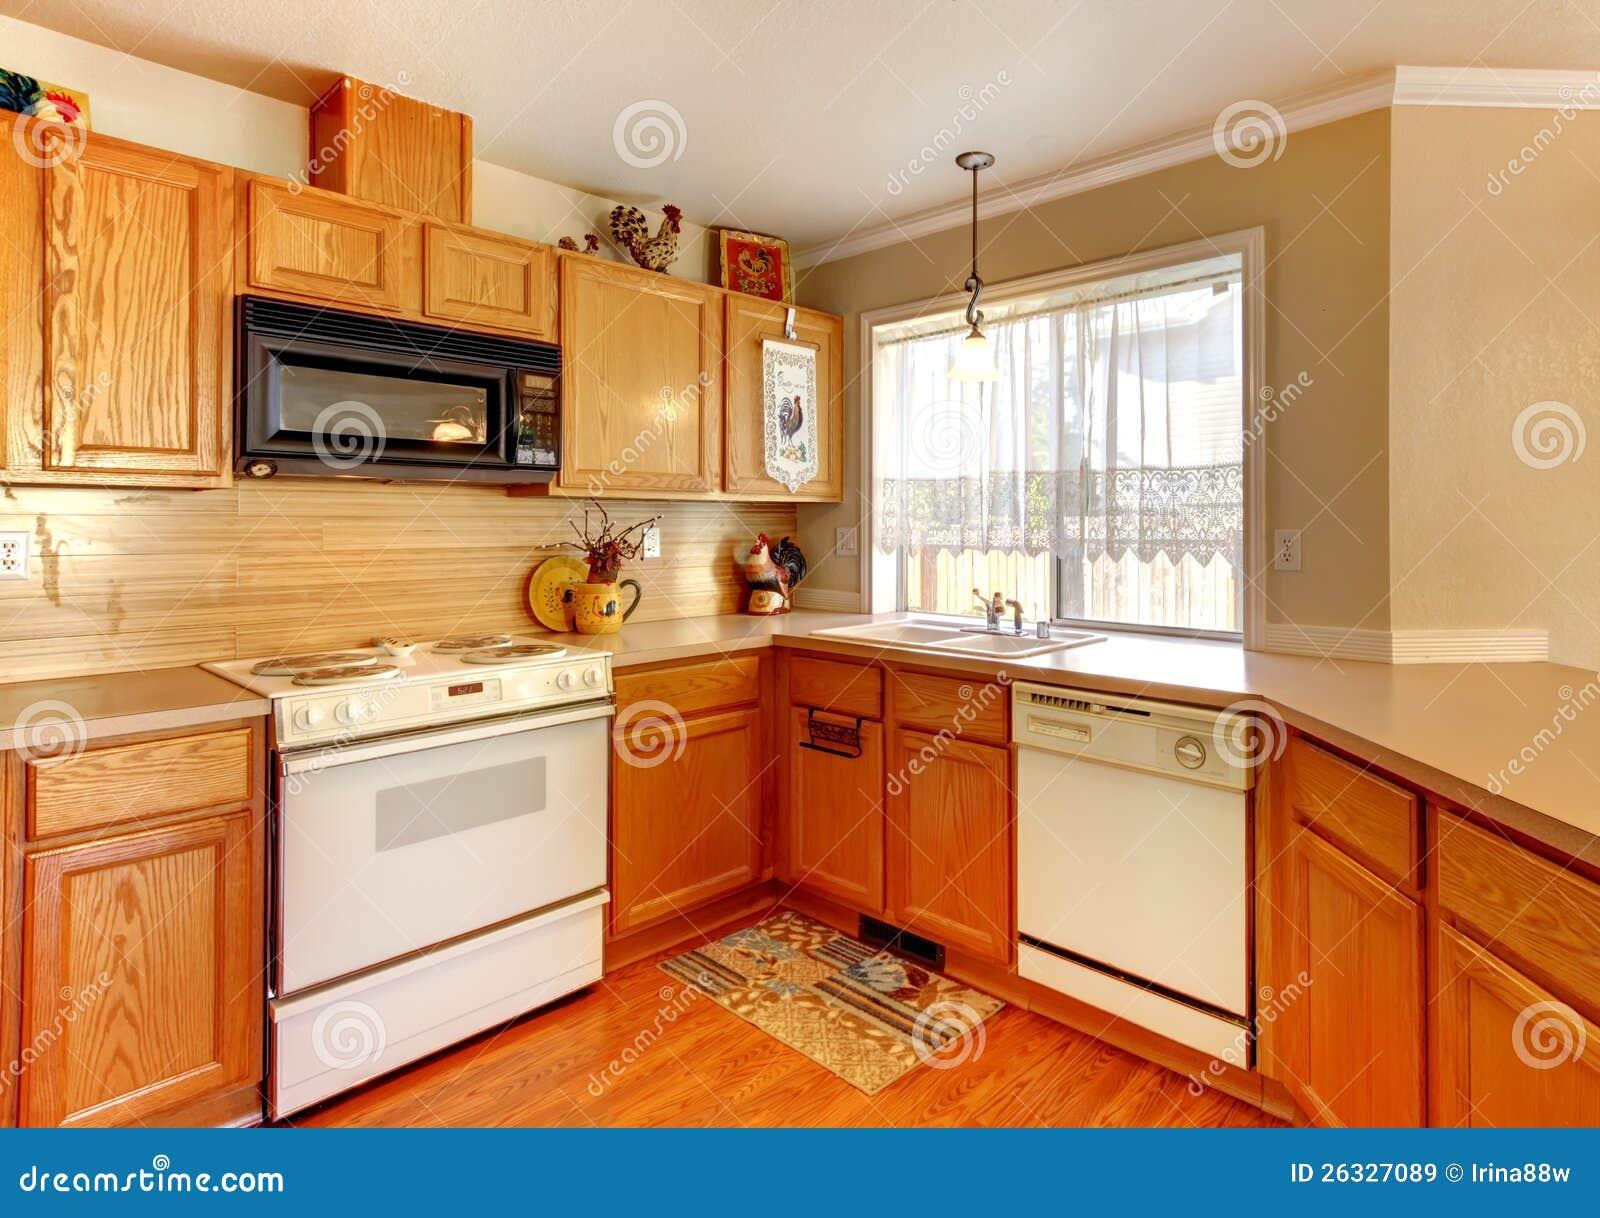 #BC4606 Cozinha padrão americana da parede de madeira e bege com dispositivos  1300x1006 px Banco De Madeira Para Cozinha Americana #1503 imagens